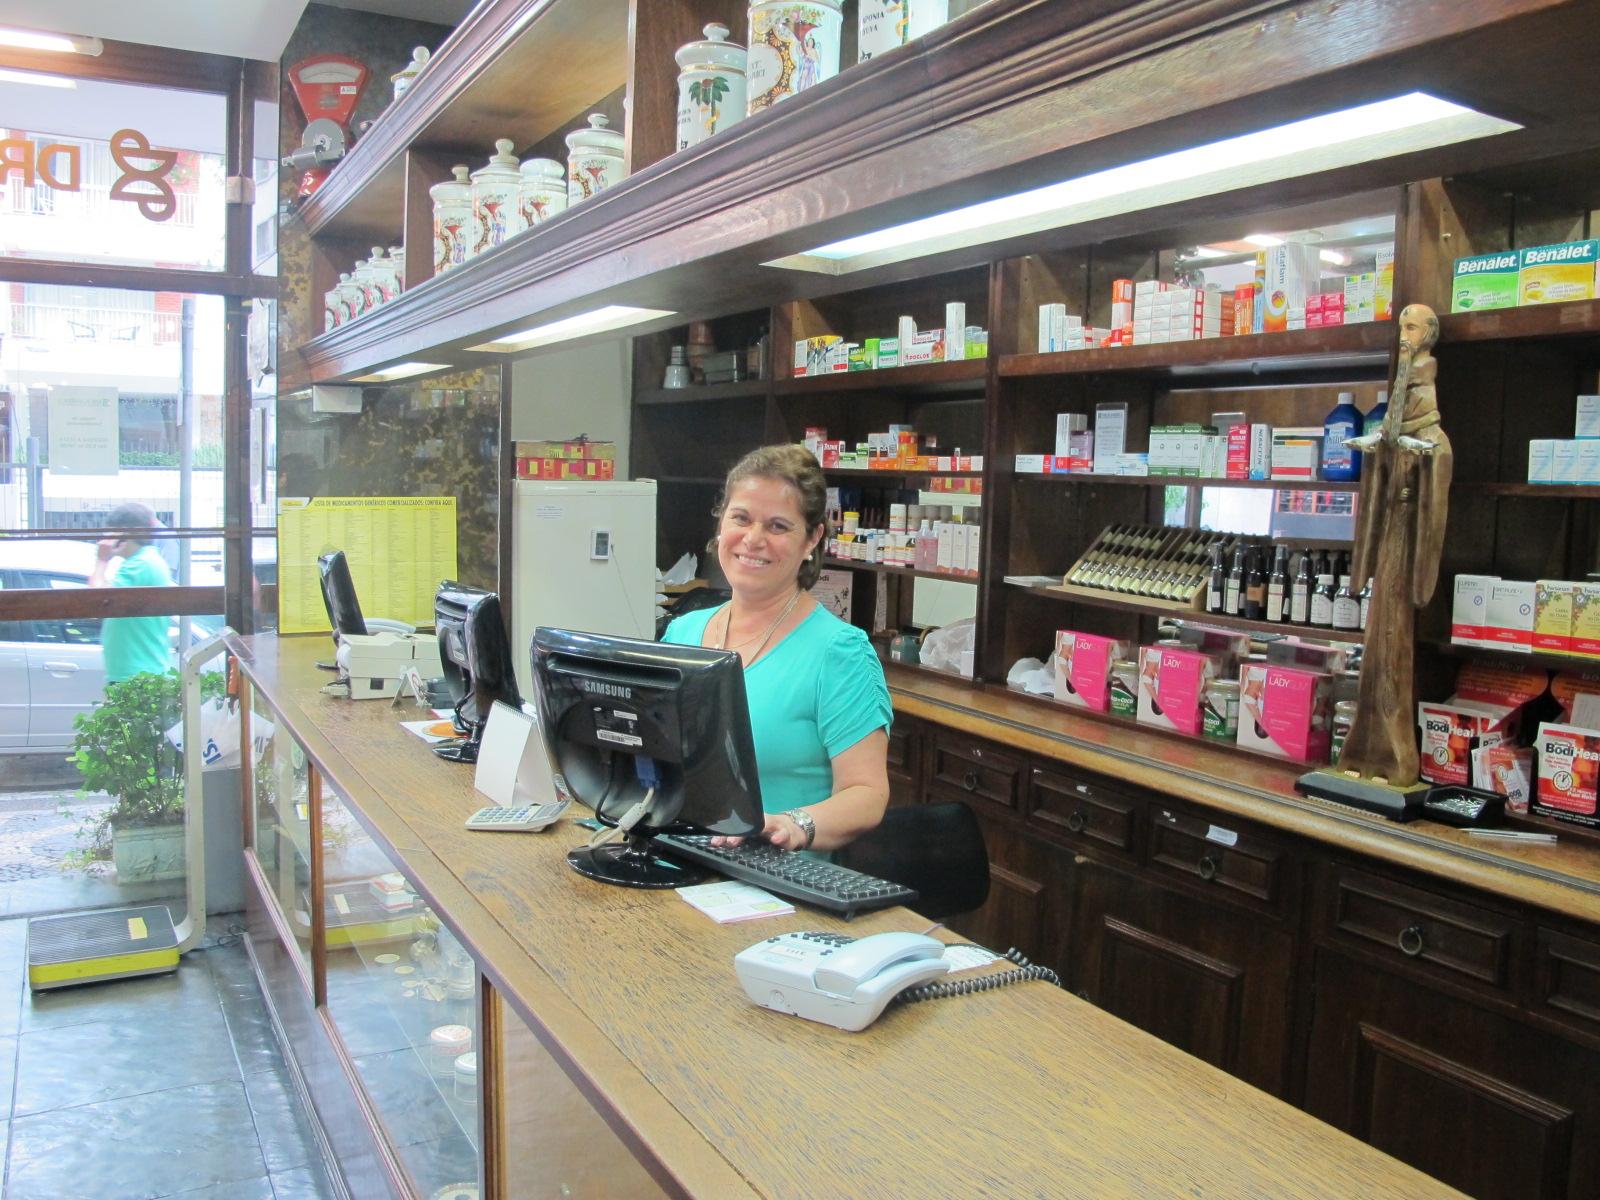 A funcionária Mary Arlindo na Drogamérica, farmácia que mantém estilo retrô (Foto: Márcio Pinho/G1)